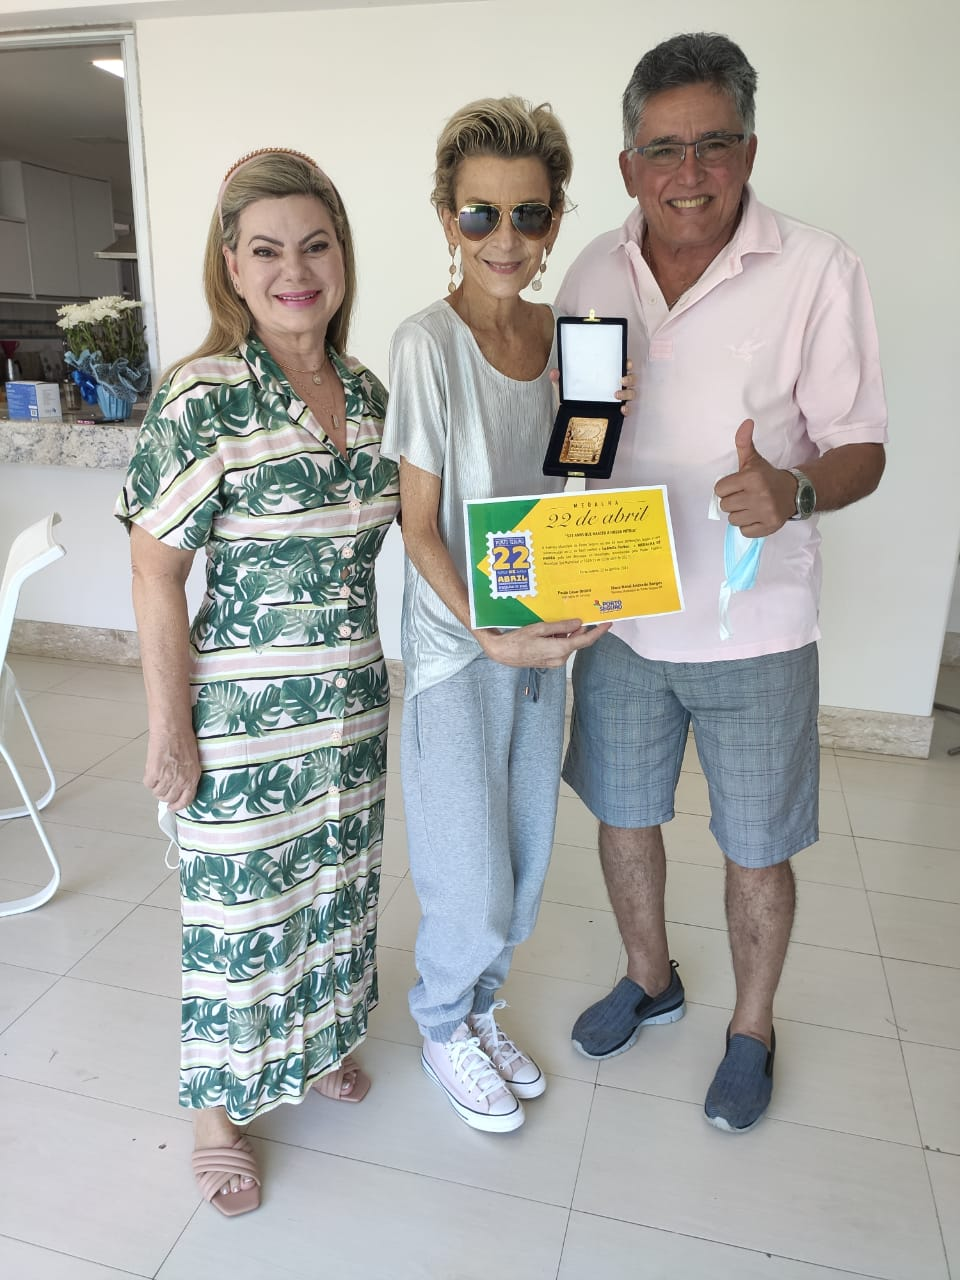 Prefeito Jânio Natal e sua esposa Cristiane recebem pastora e cantora Ludmila Ferber em sua residência e prestam homenagem 23